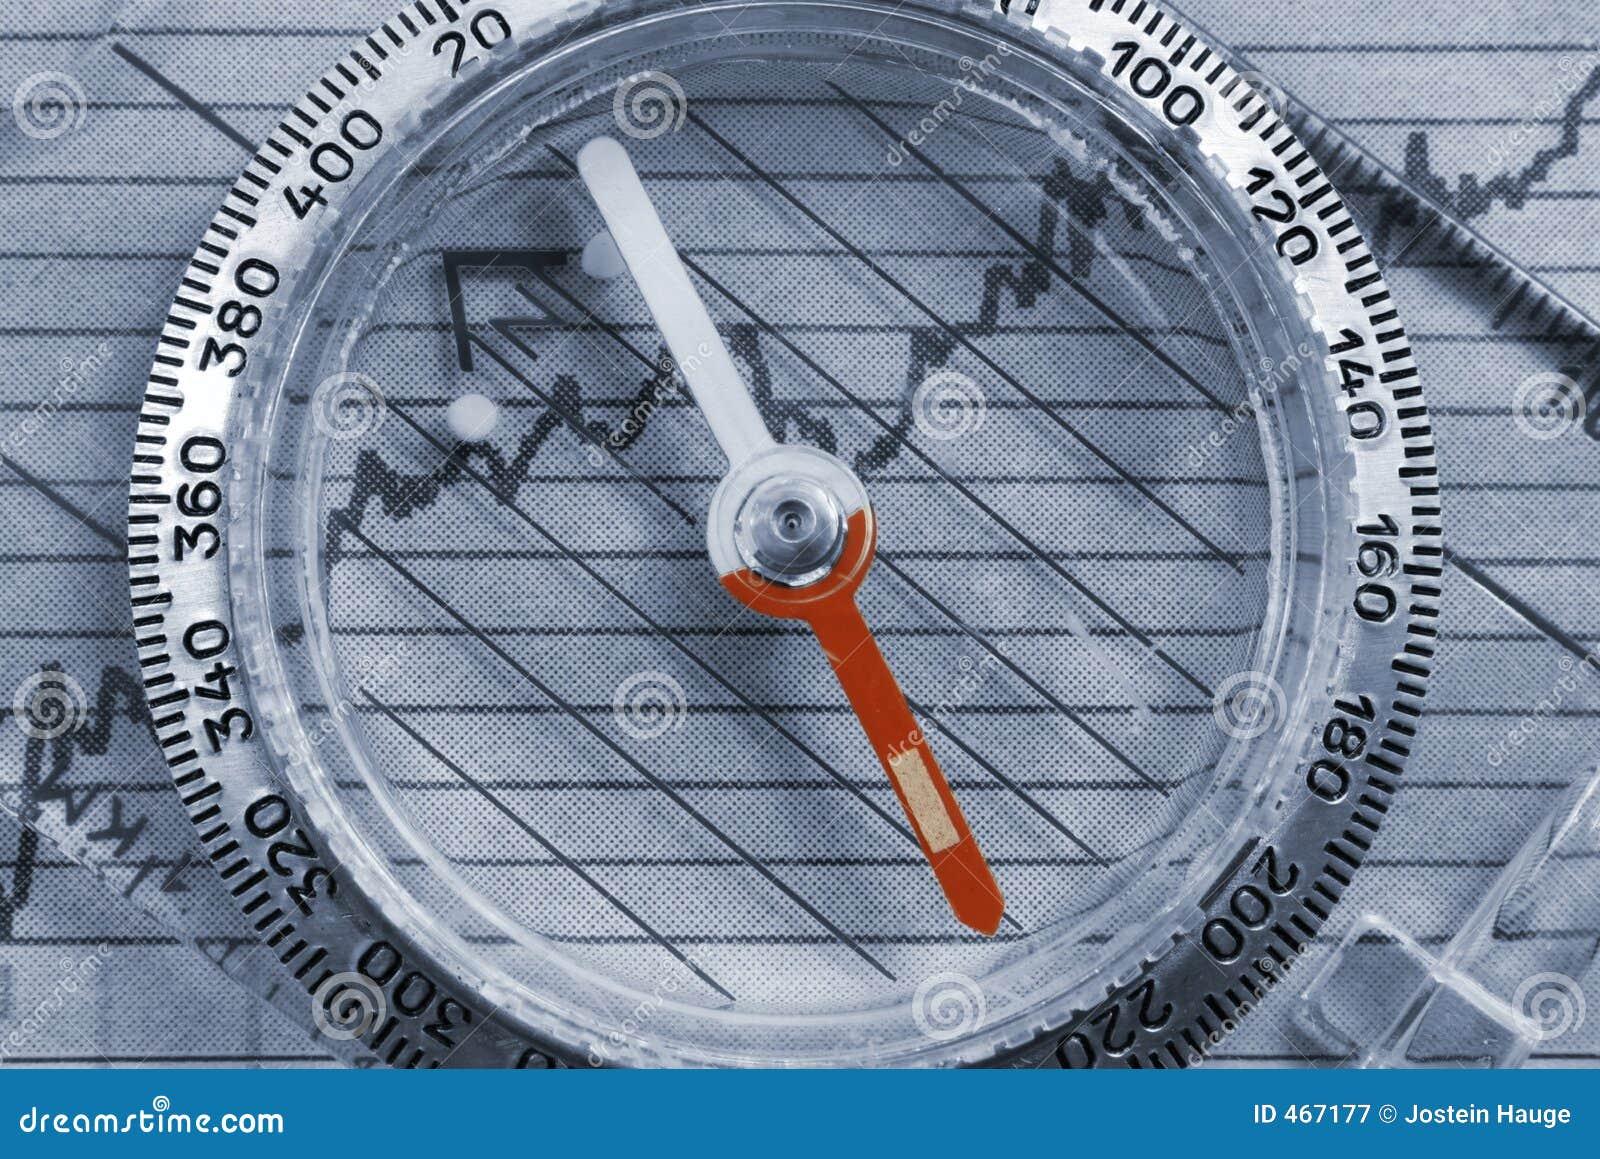 Download Business Navigation stock image. Image of navigate, find - 467177